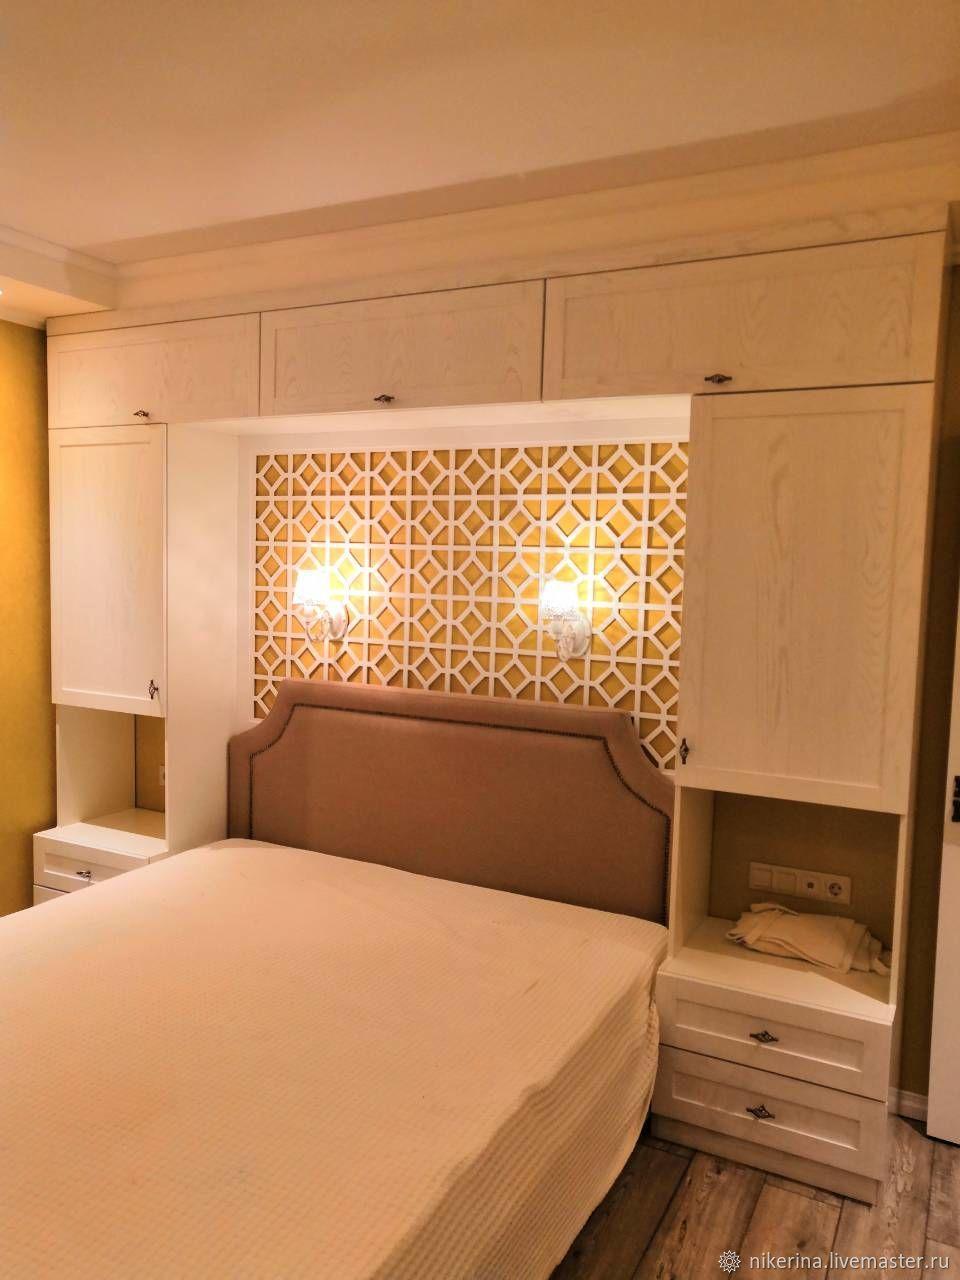 рисунки спальня с комодами вокруг кровати дизайн фото время катания калифорнийскому